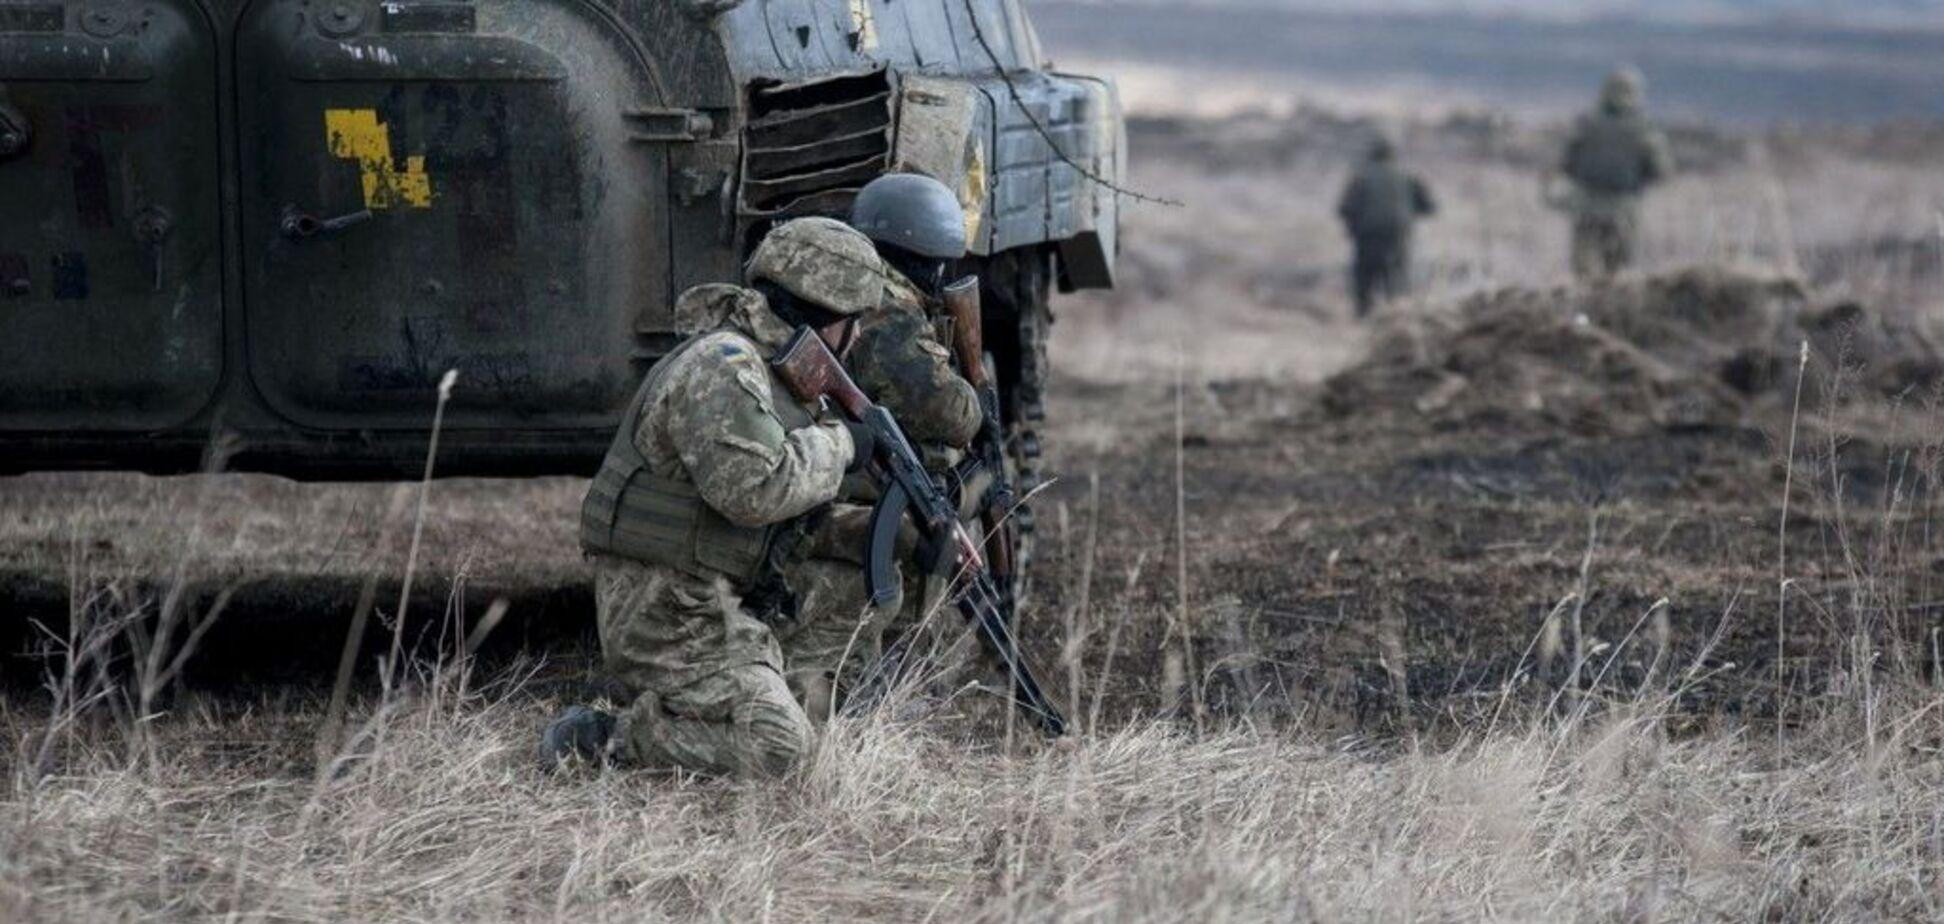 Терористи зазнали втрат: ЗСУ дали відсіч окупантам на Донбасі